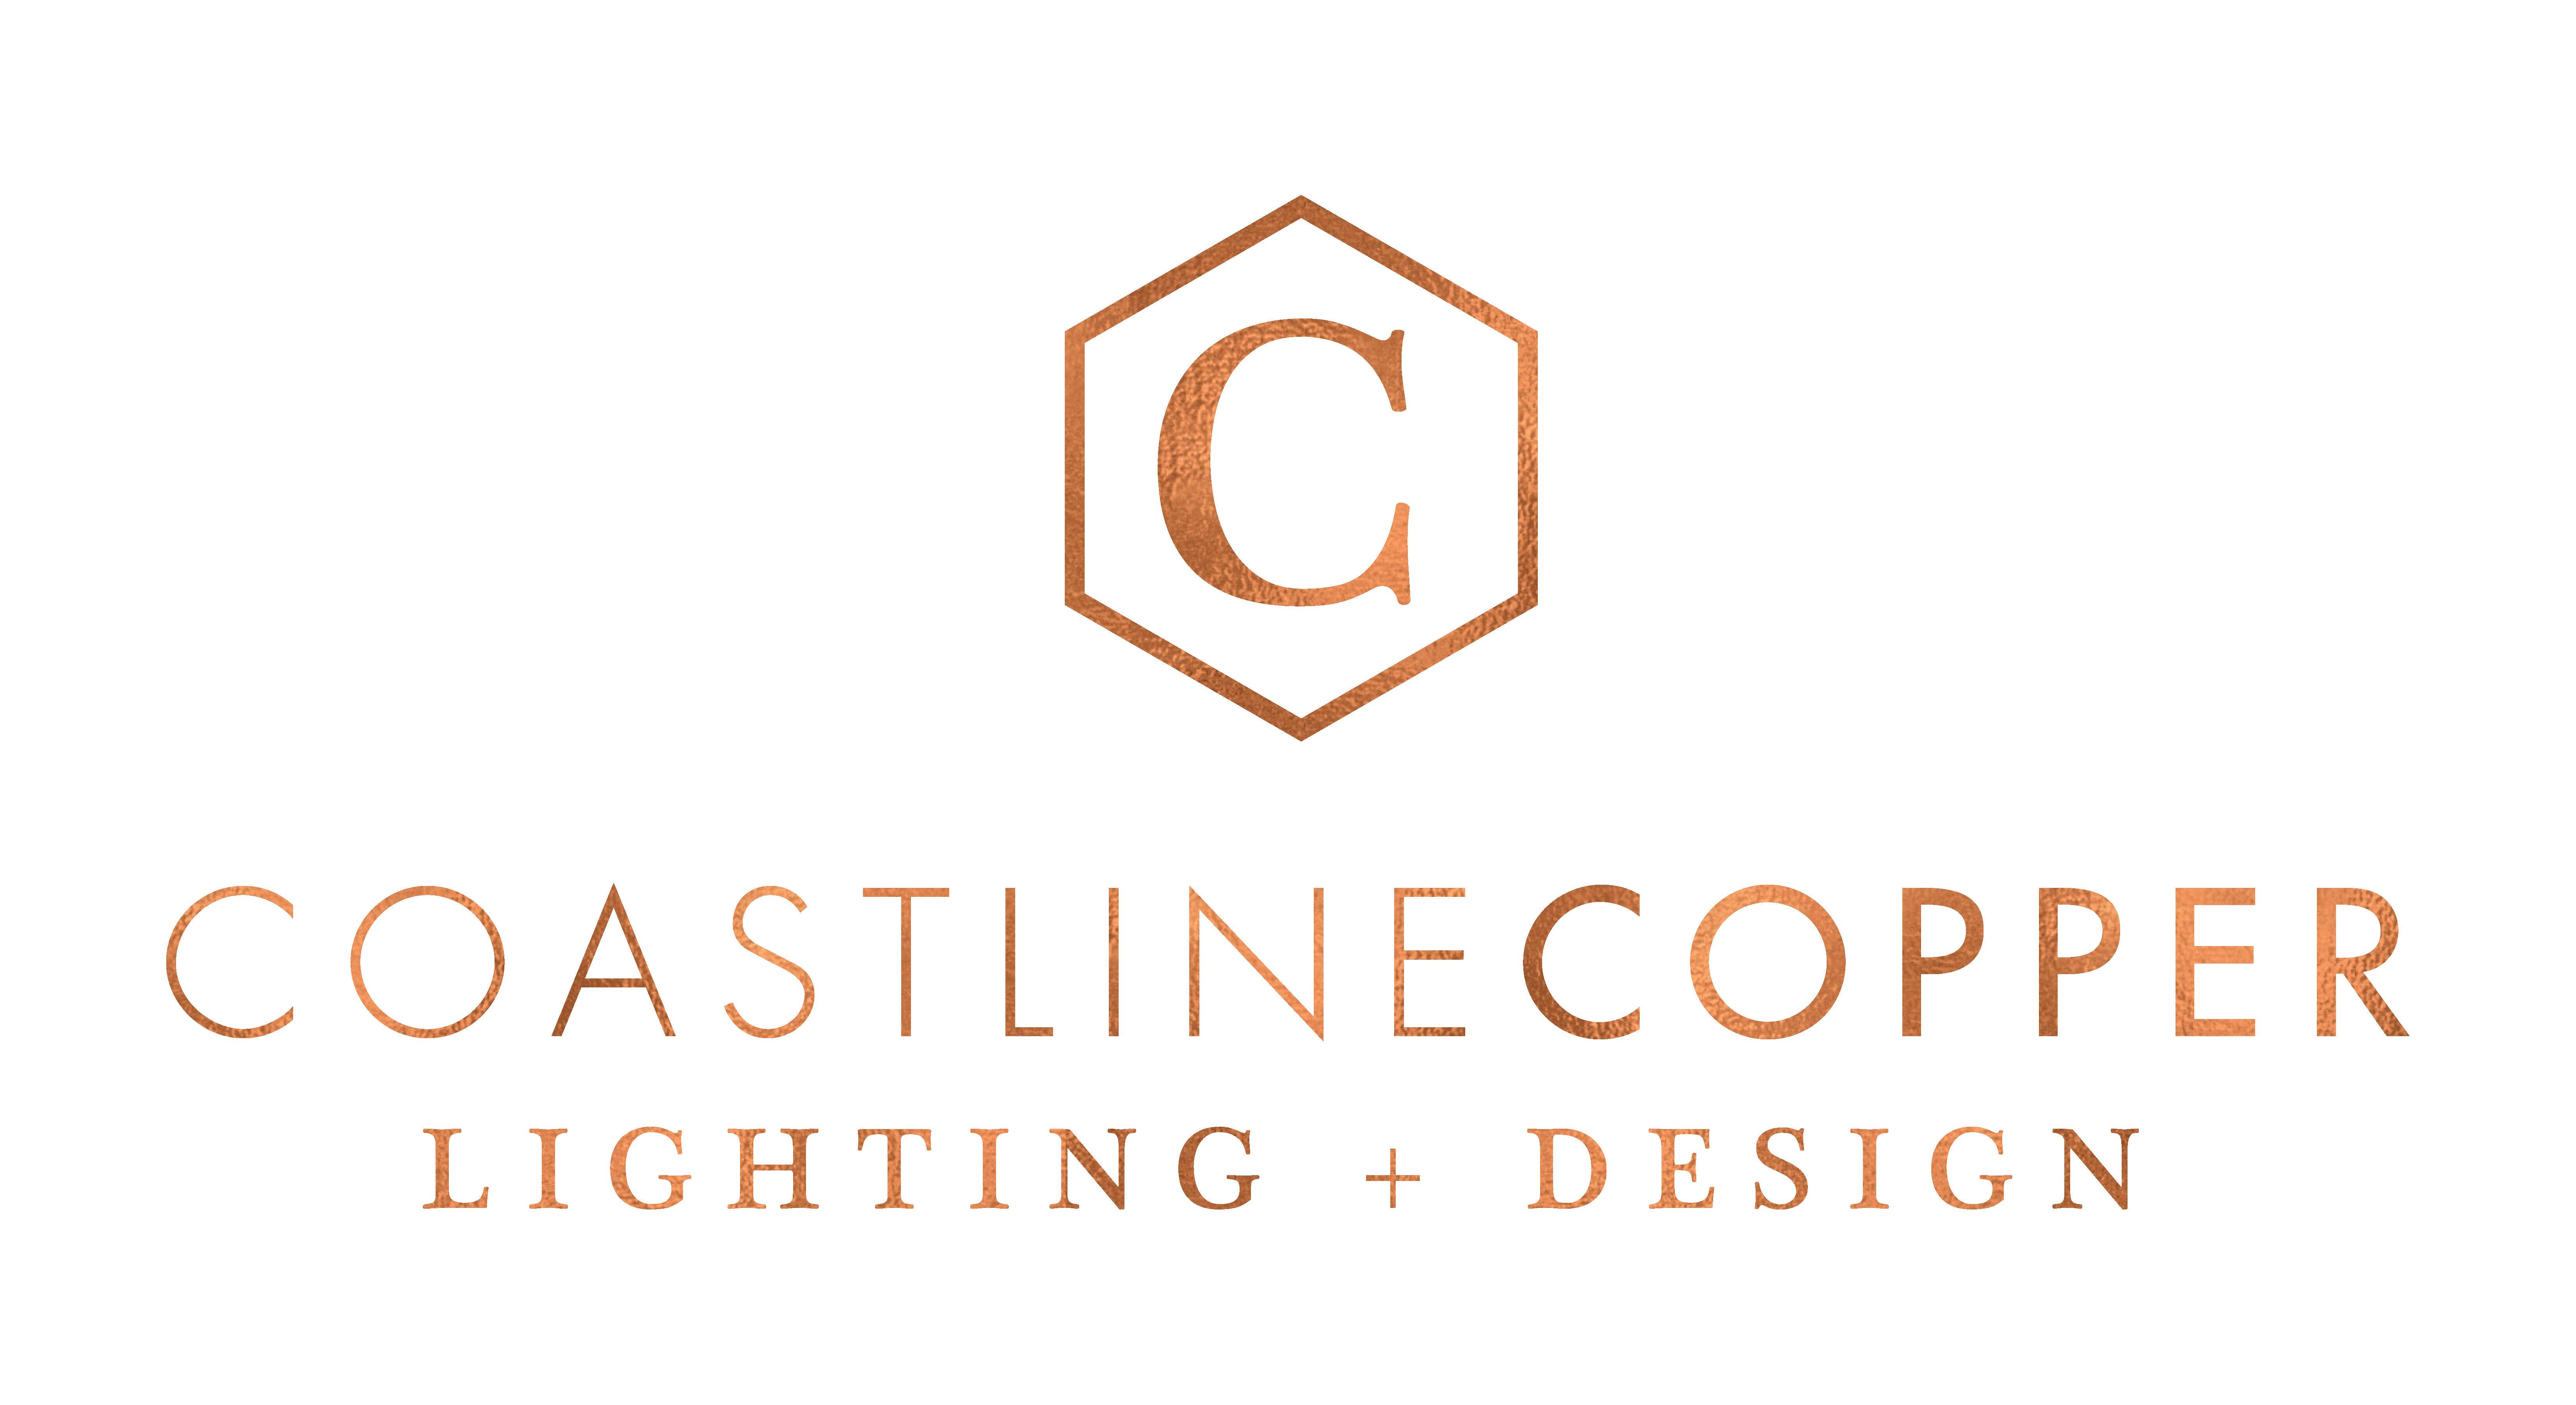 WELCOME TO COASTLINE COPPER